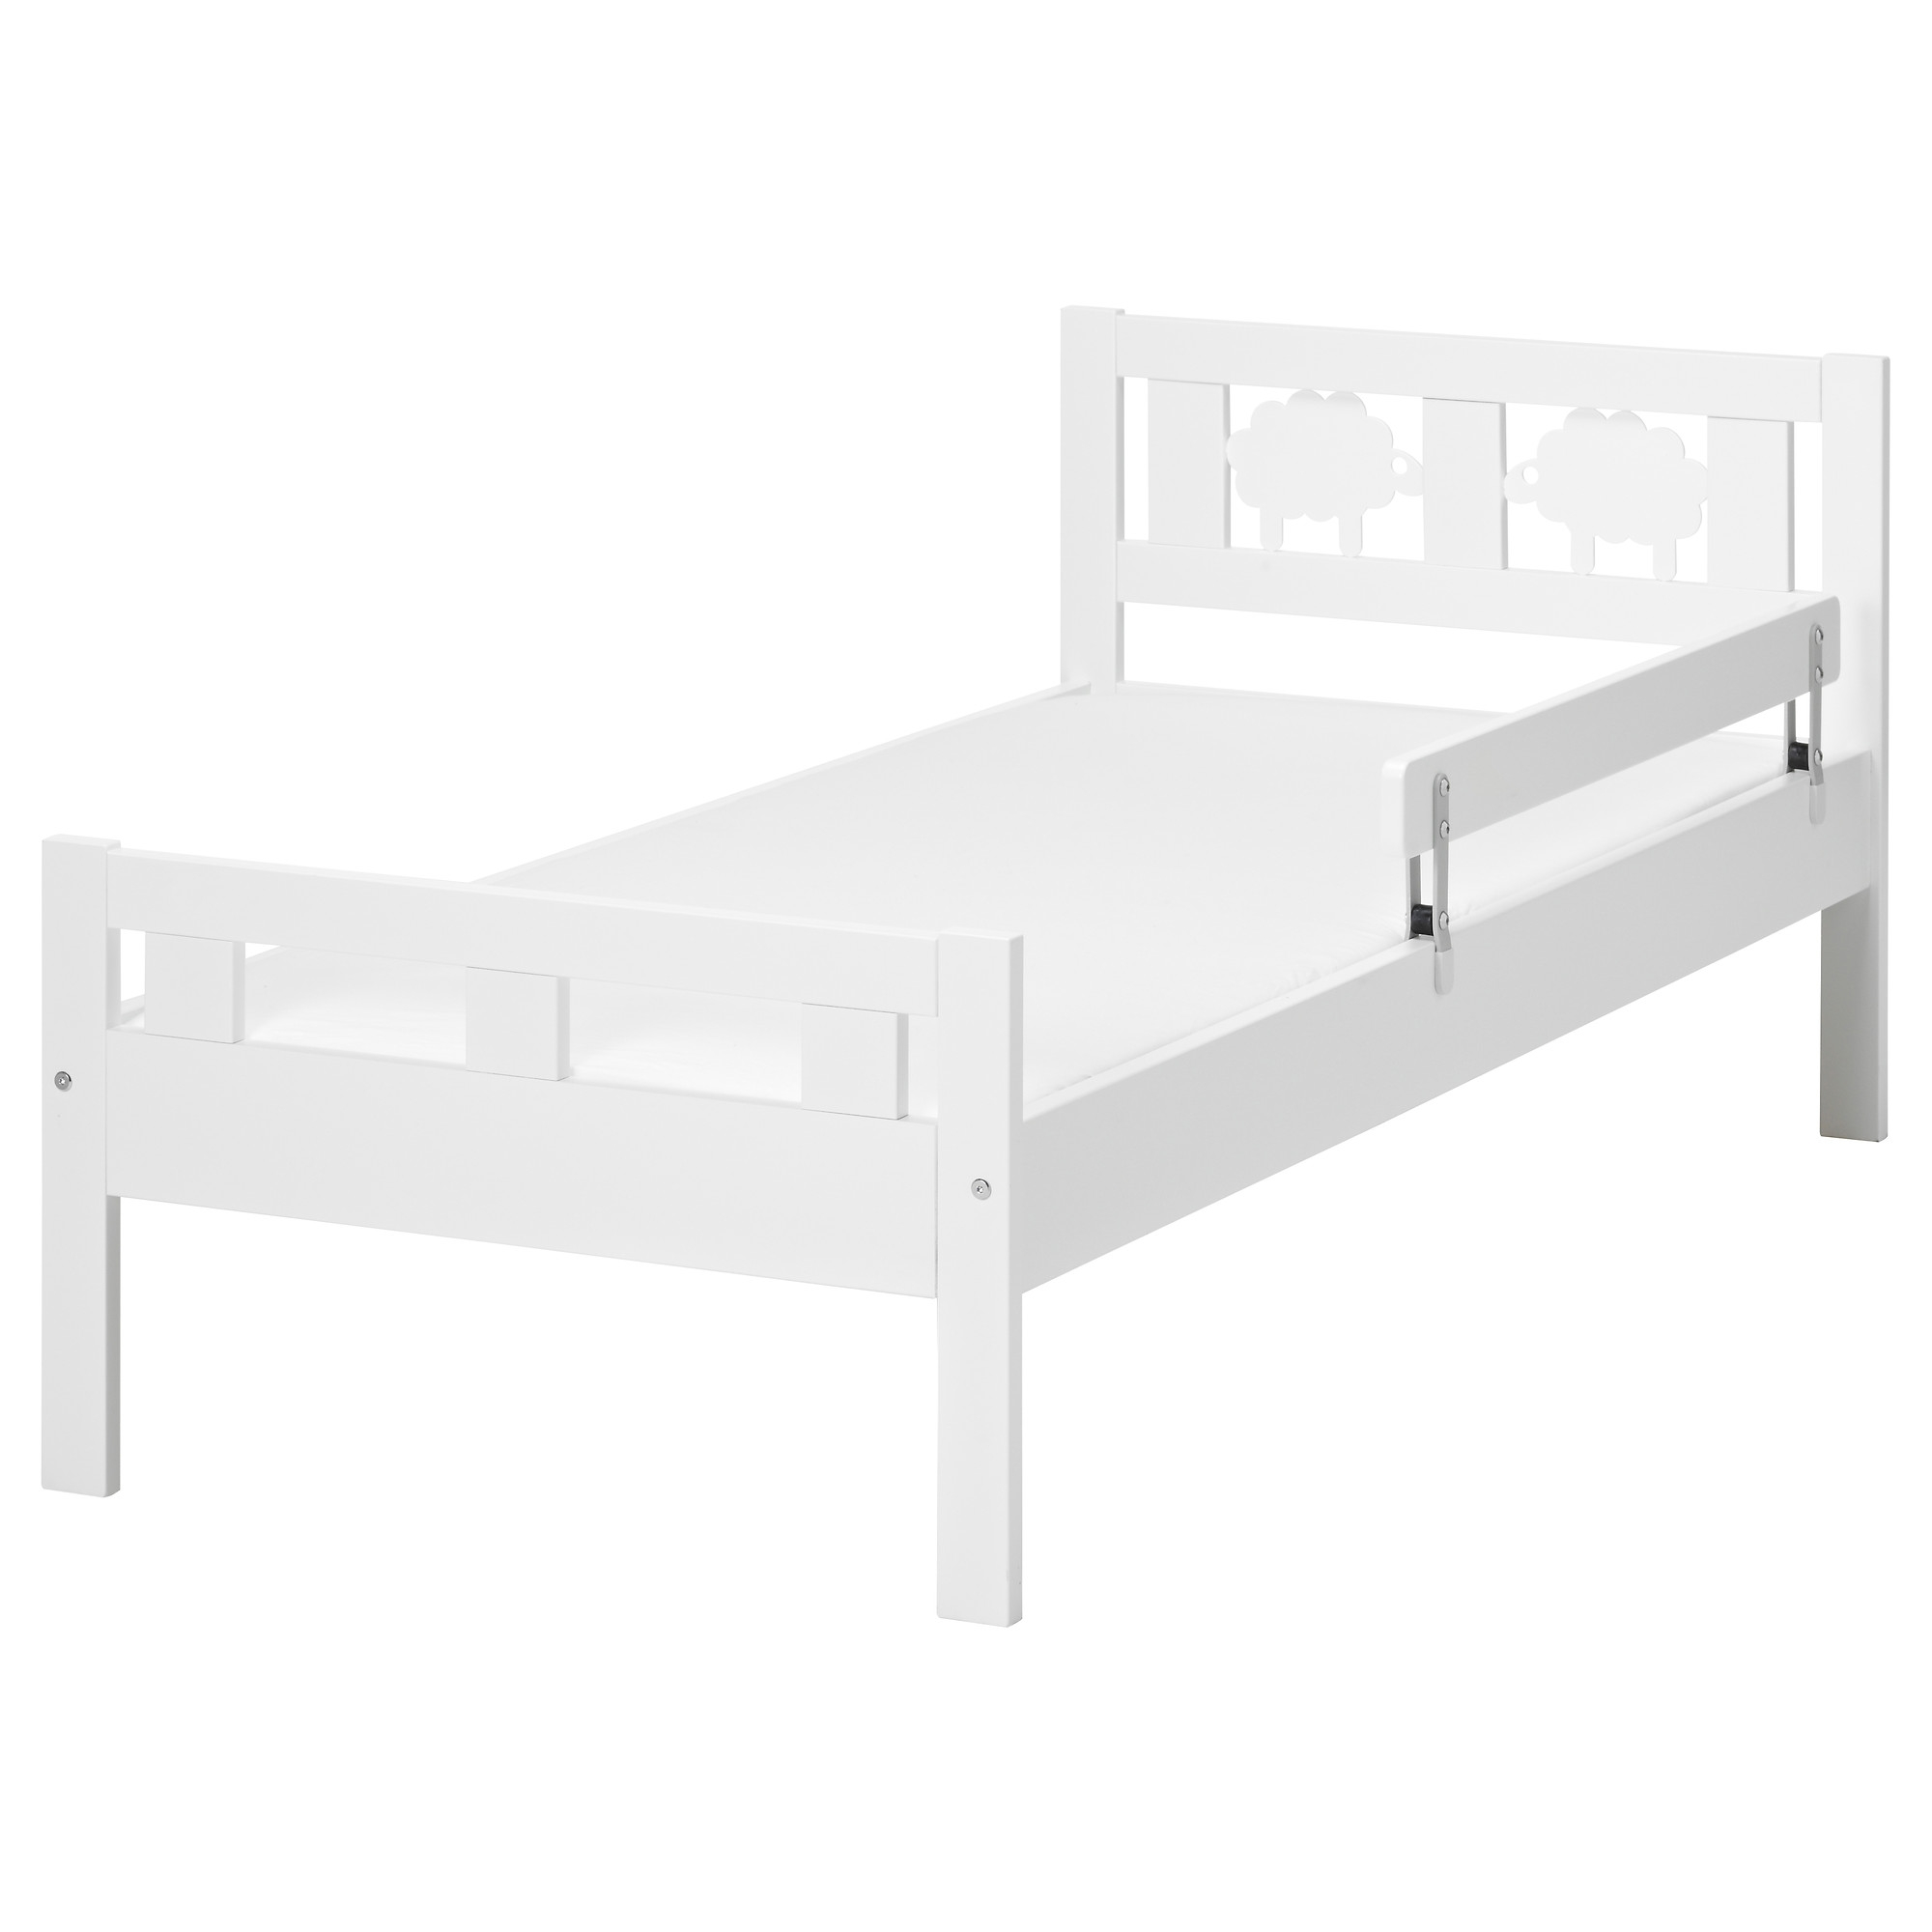 KRITTER Estructura cama y barandilla blanco